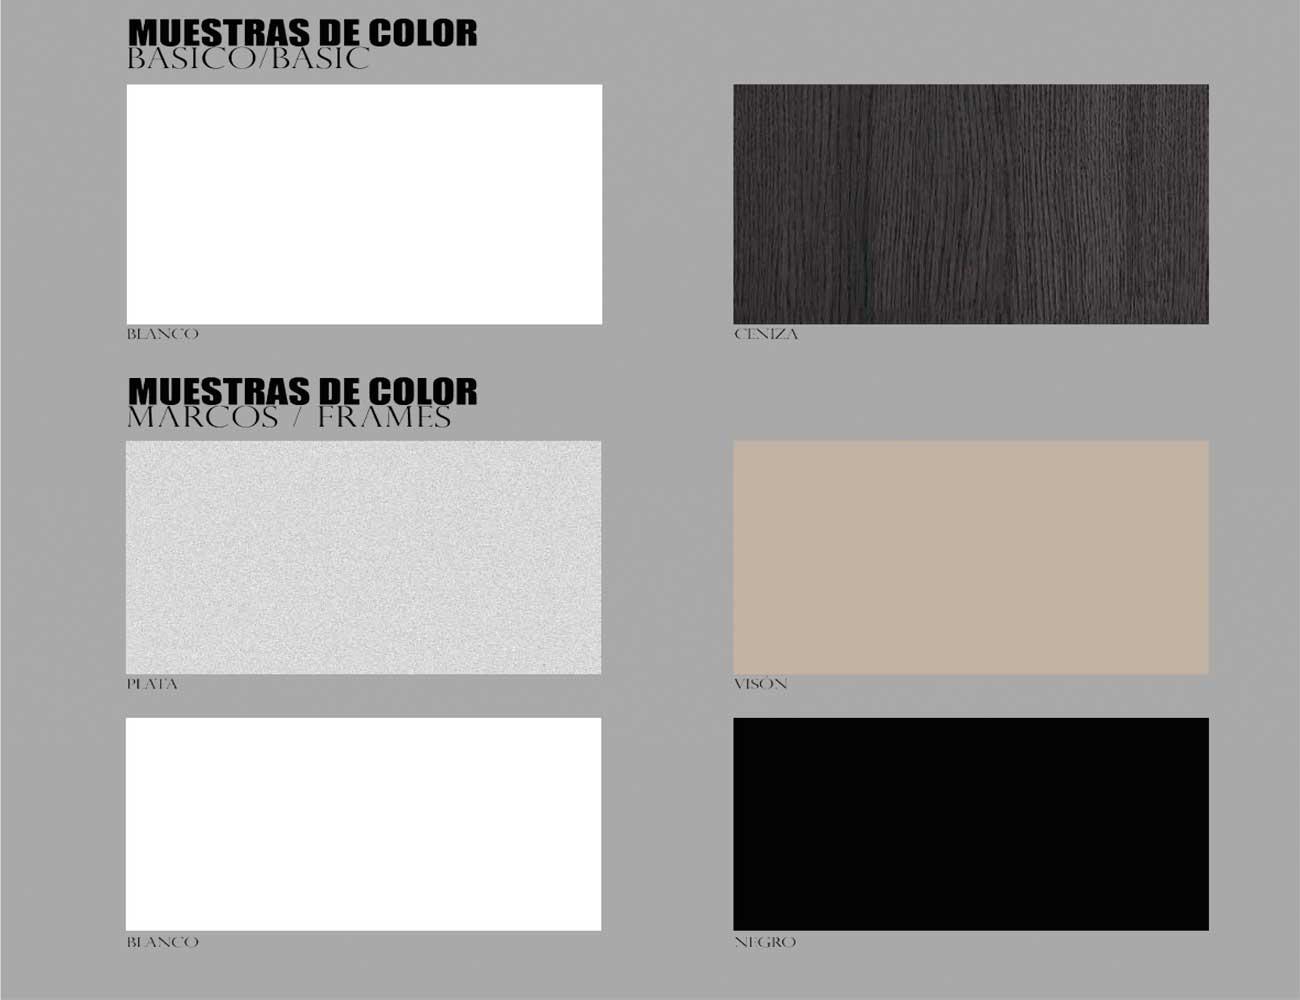 Colores tecnico9